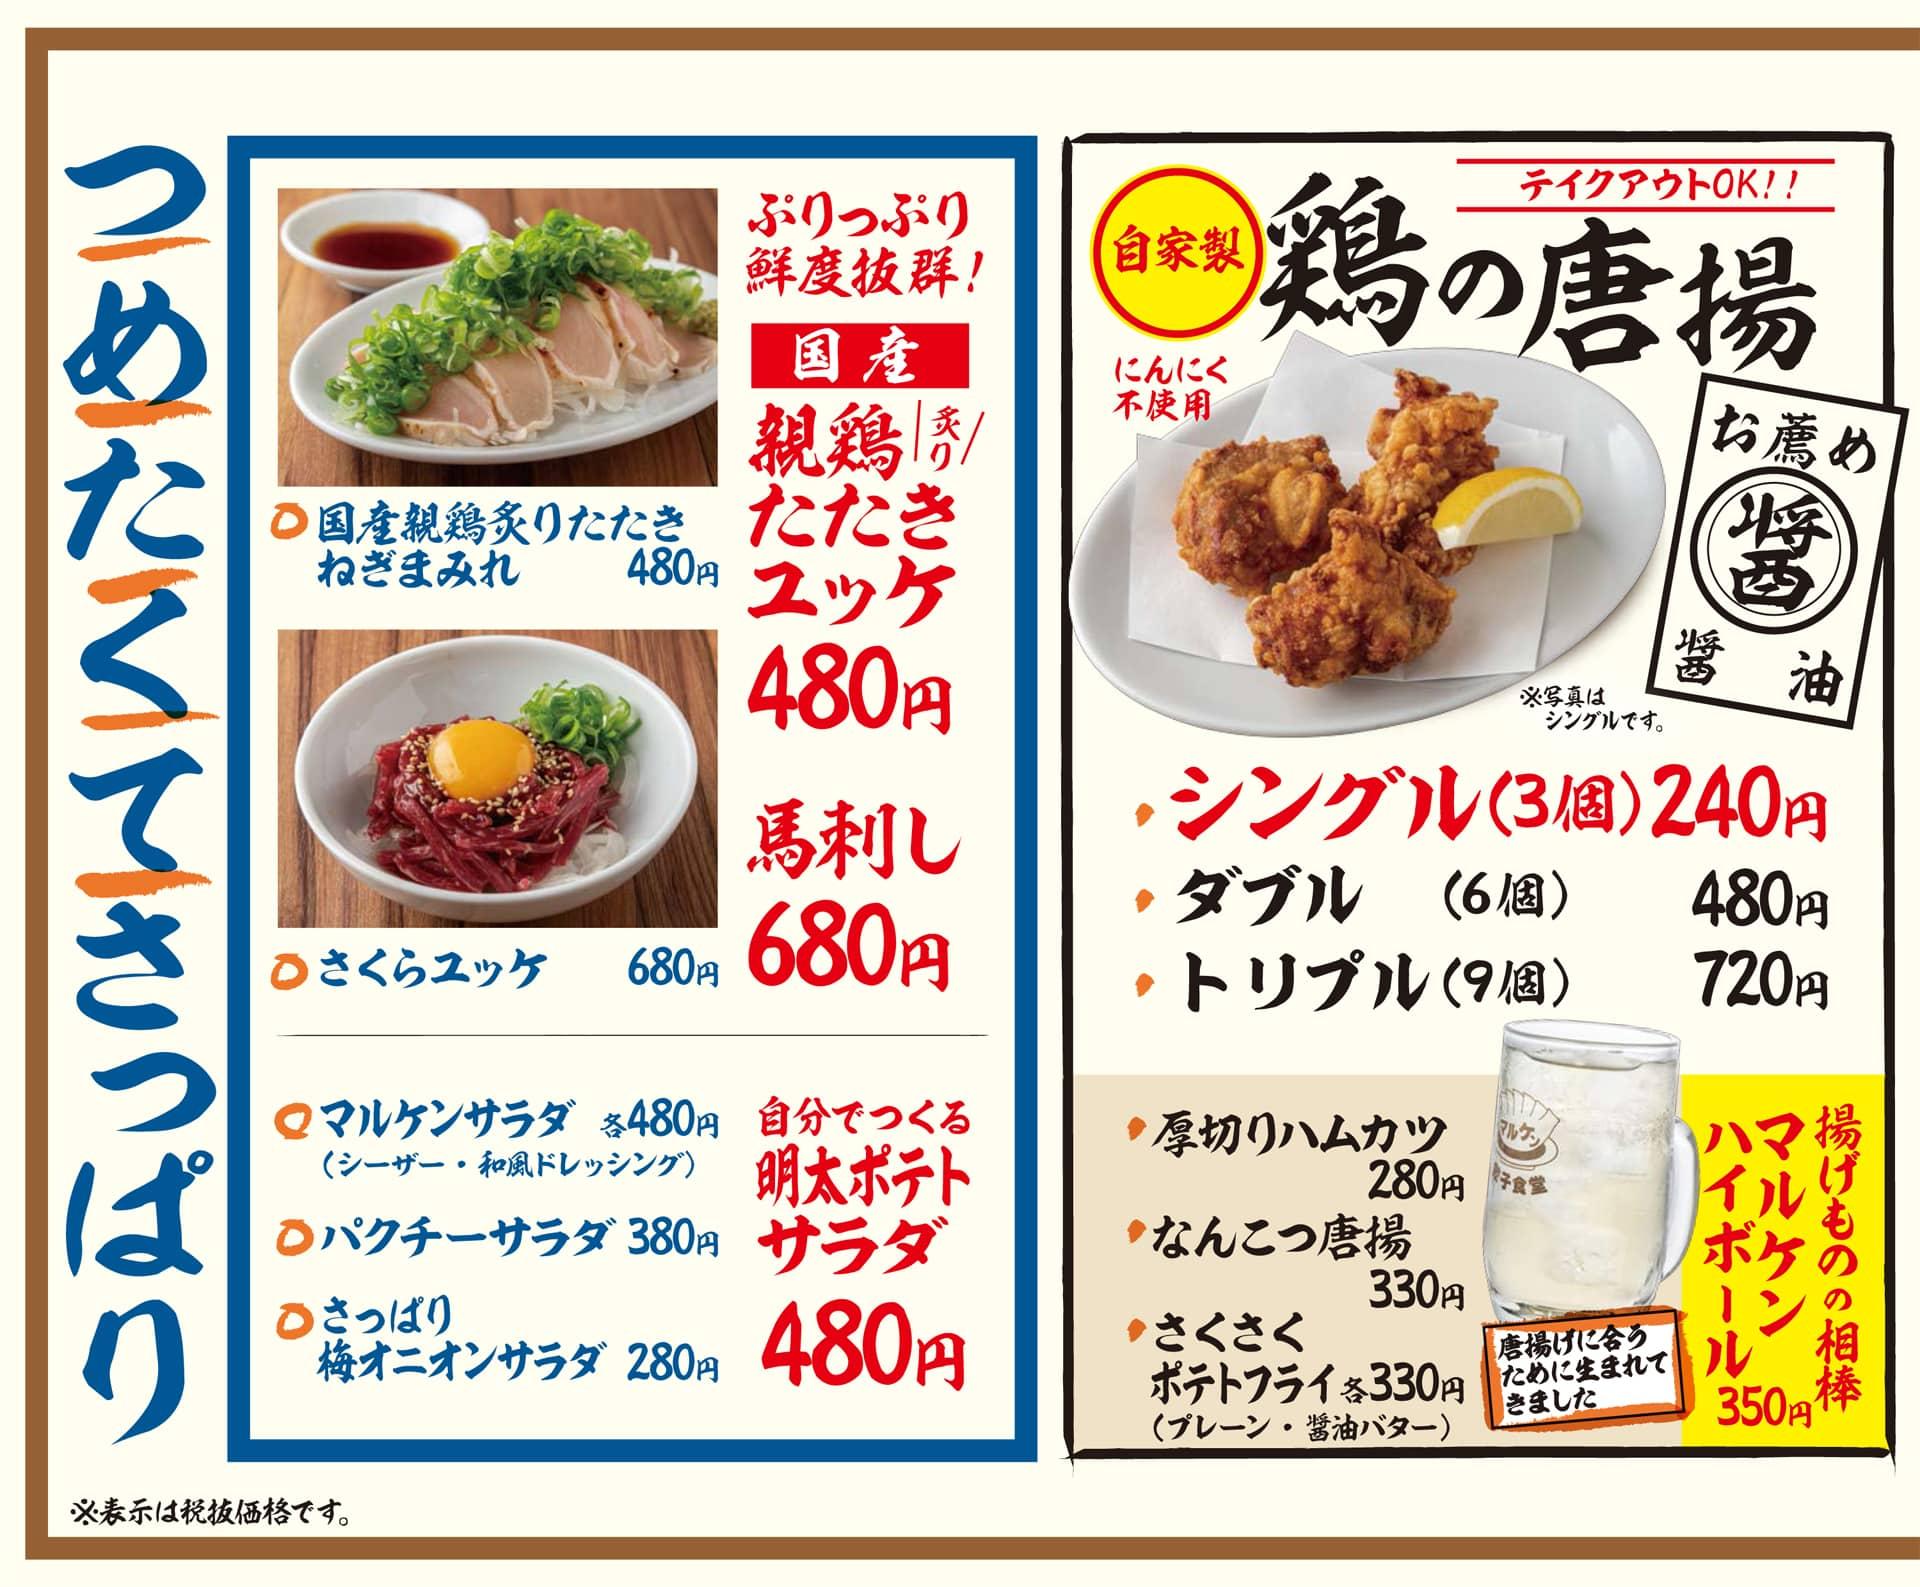 餃子食堂マルケン 逸品1